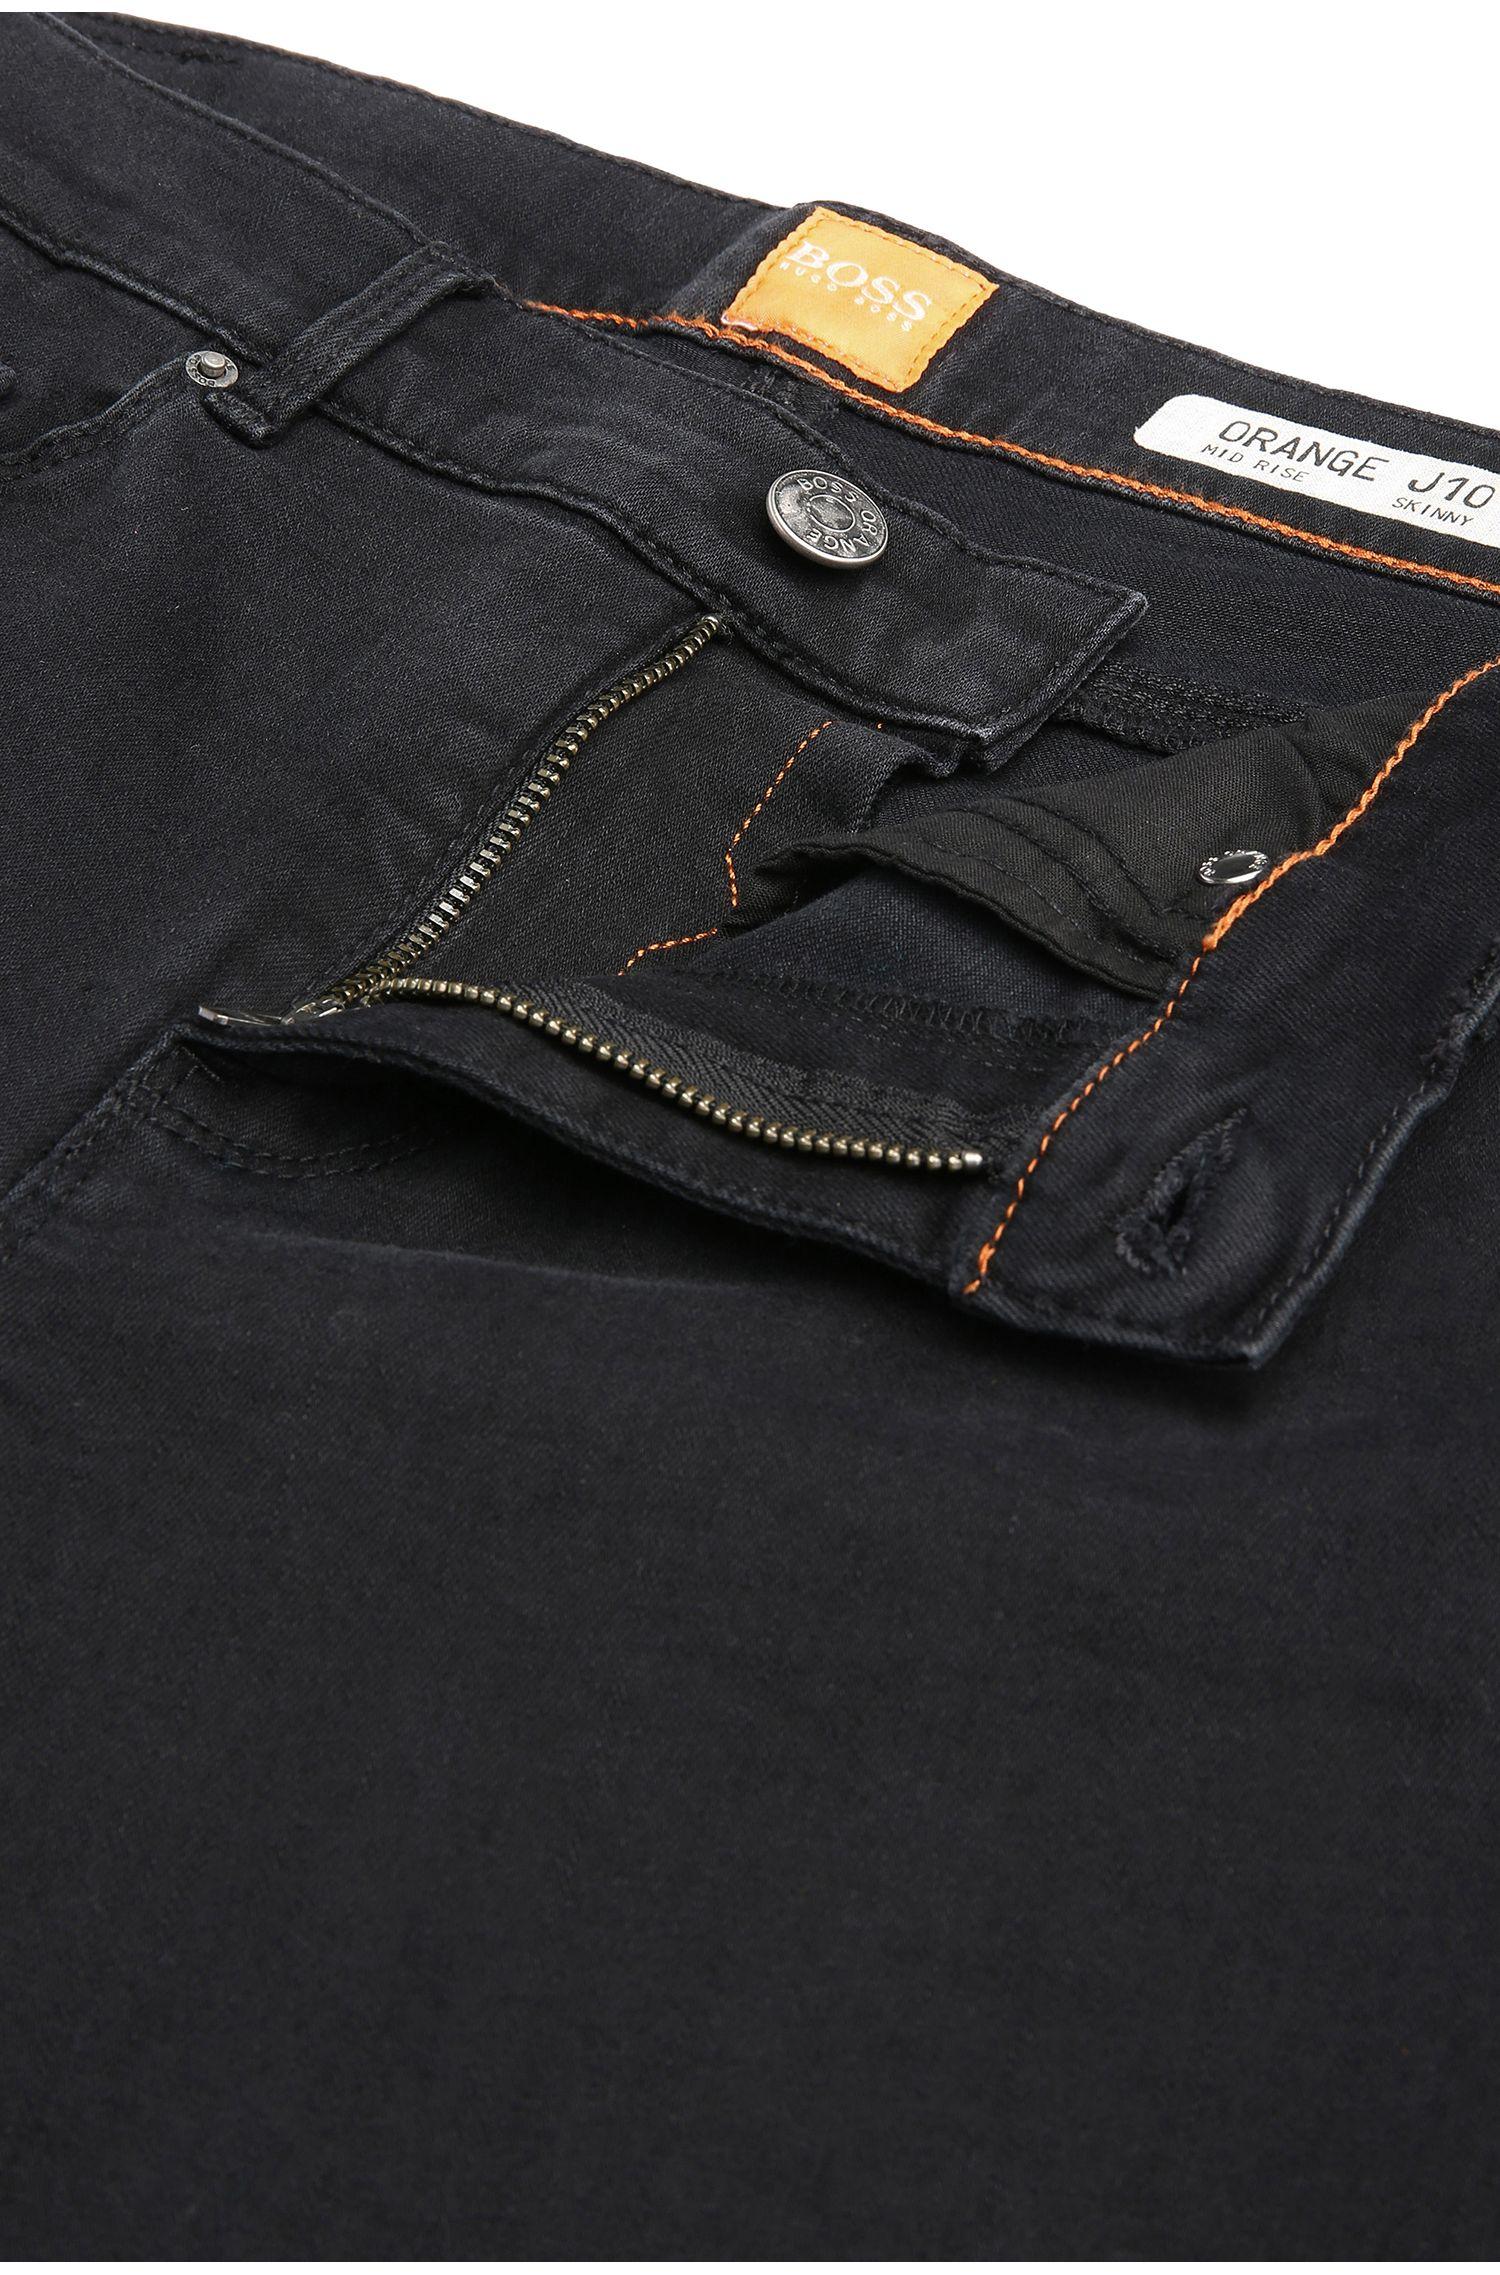 Jeans SkinnyFit en coton extensible mélangé: «Orange J10 Florida»